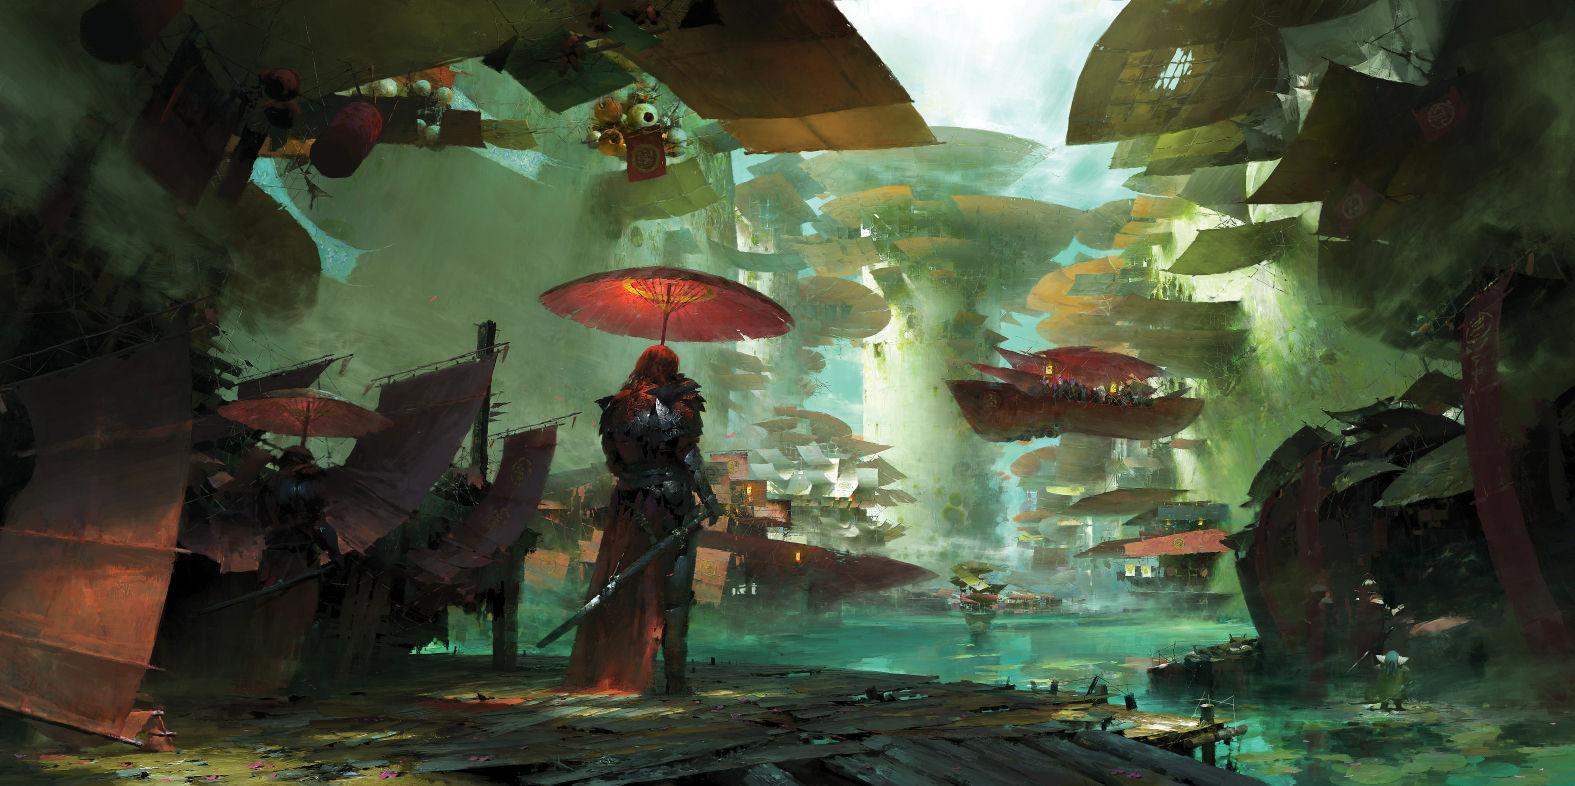 Tienes que atacar el núcleo de una ciudad enemiga. ¿Qué medio prefieres para efectuarlo?